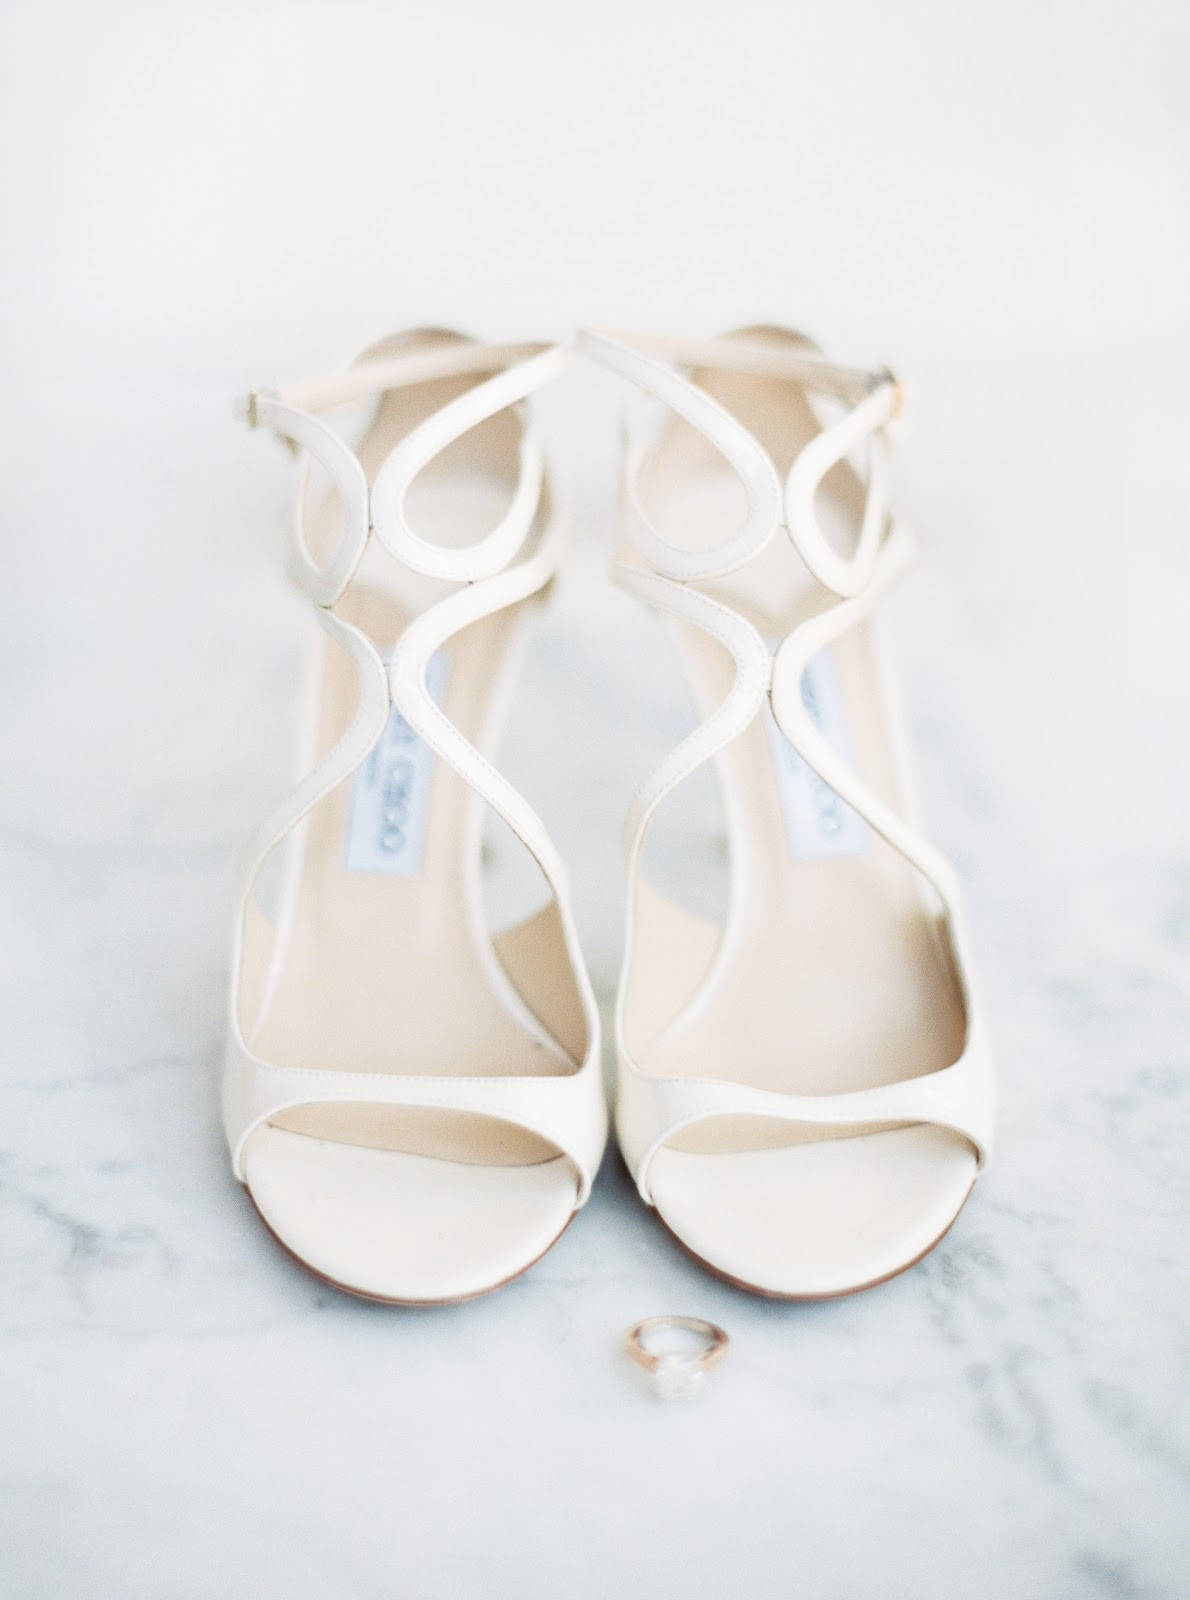 Descrivere Una Stanza Da Letto In Inglese.Wedding Inspiration Rose Madame Alfred Carriere Cool Chic Style Fashion